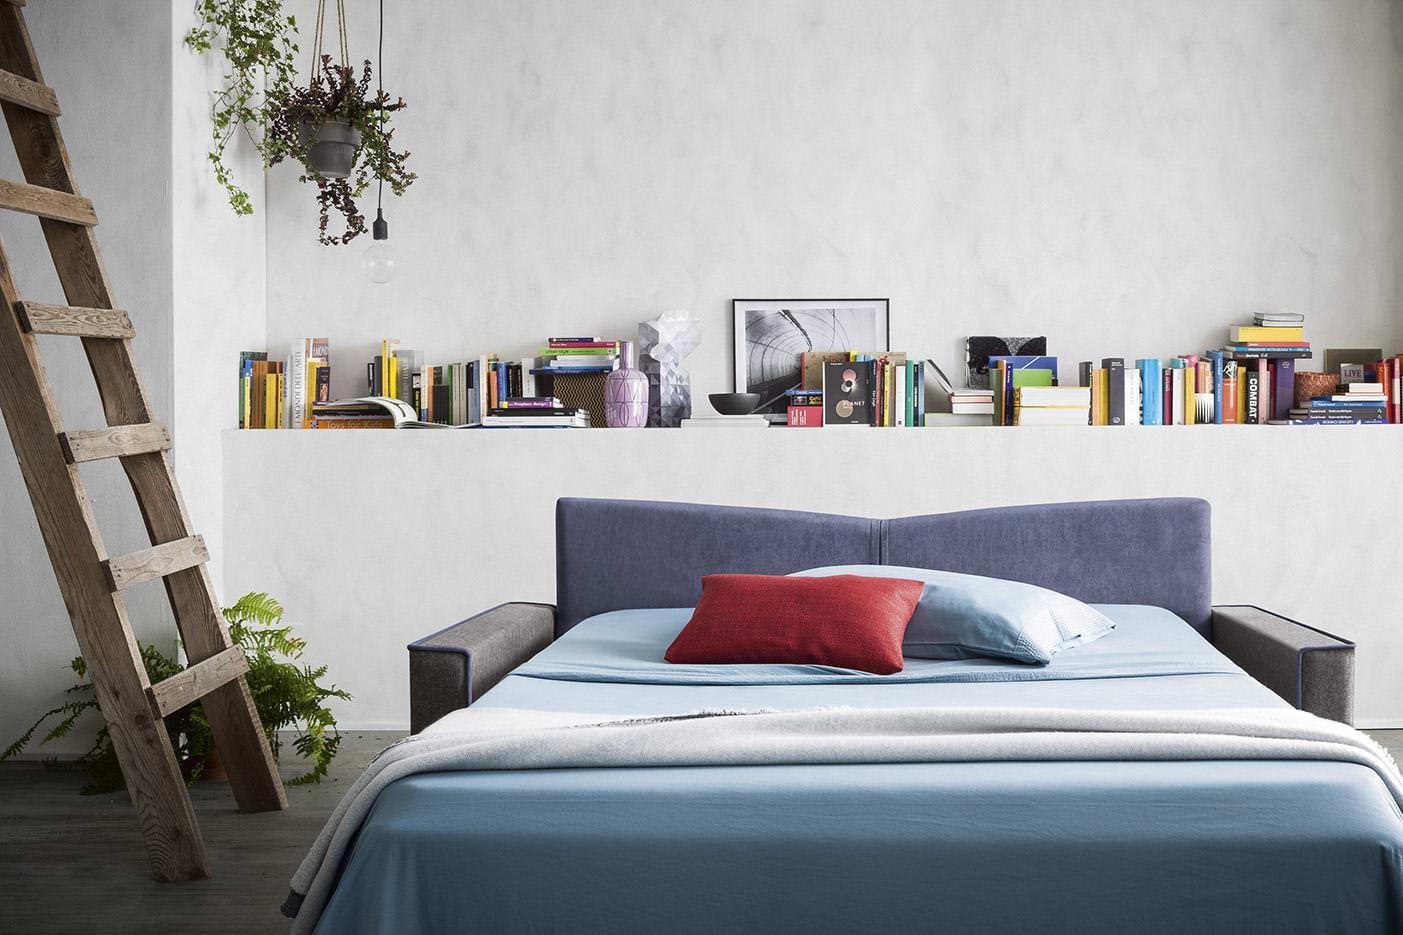 Promozione divani letto - Divani letto migliori ...